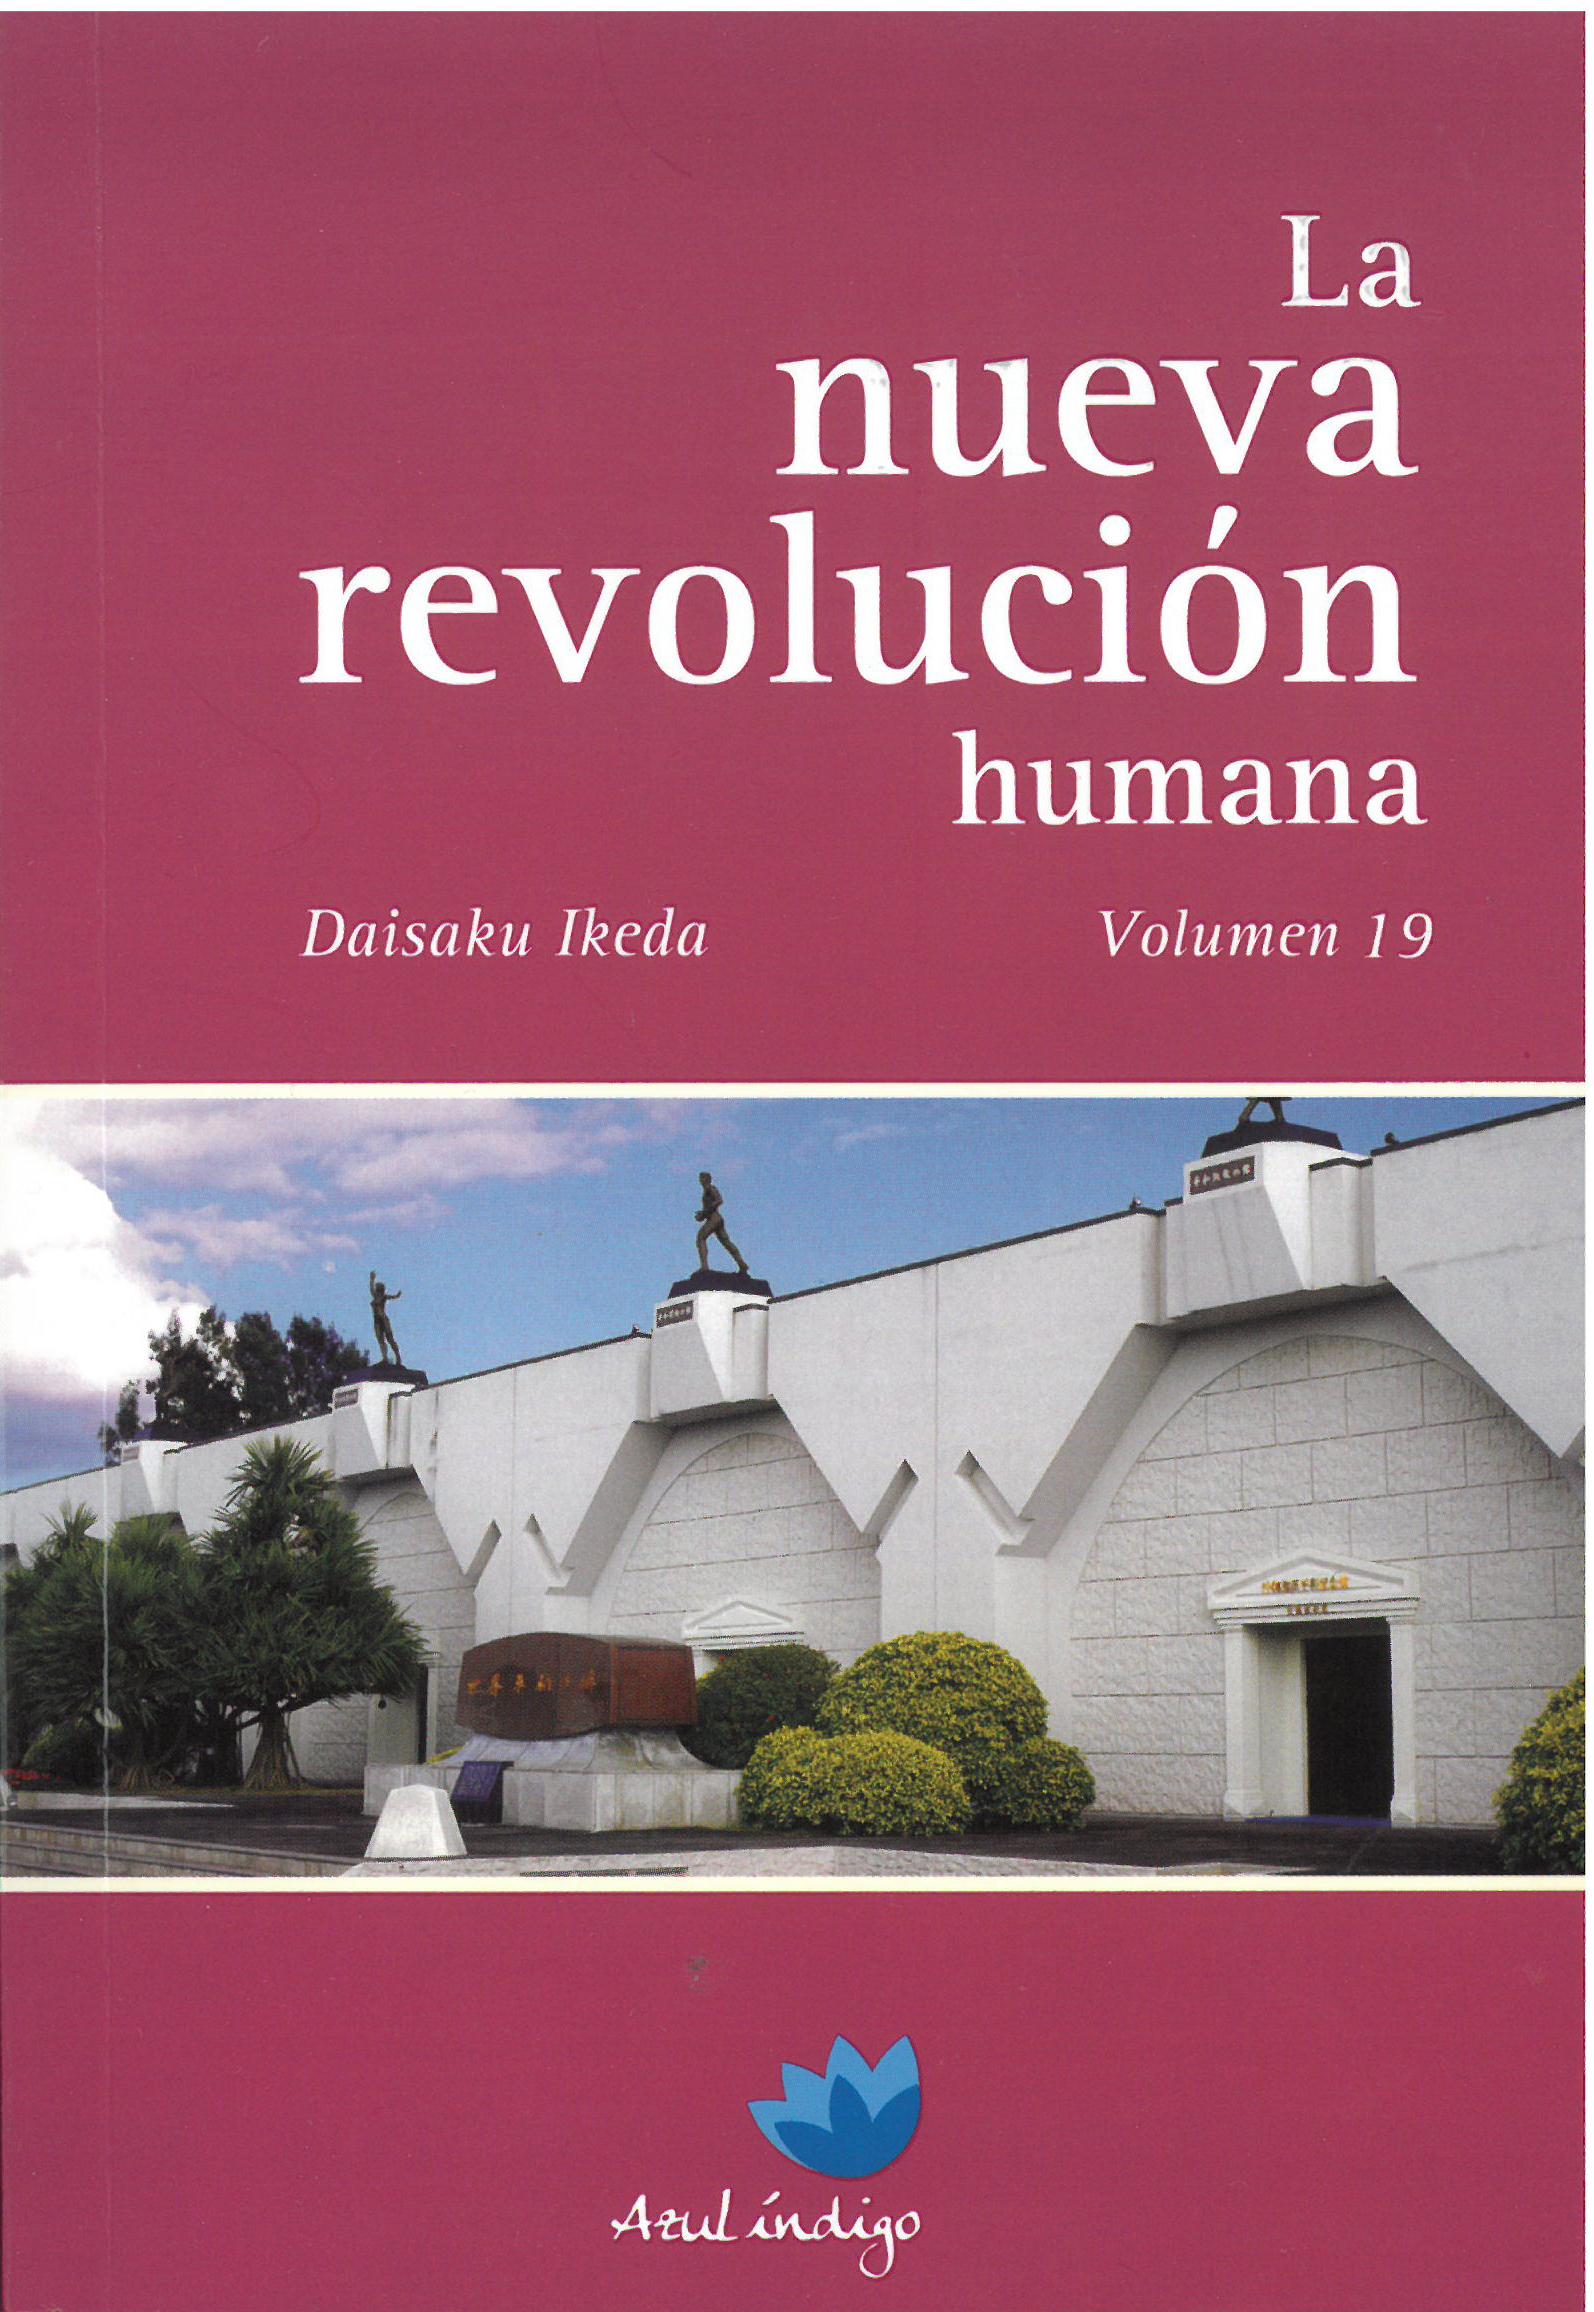 La Nueva Revolución Humana - Vol. 19